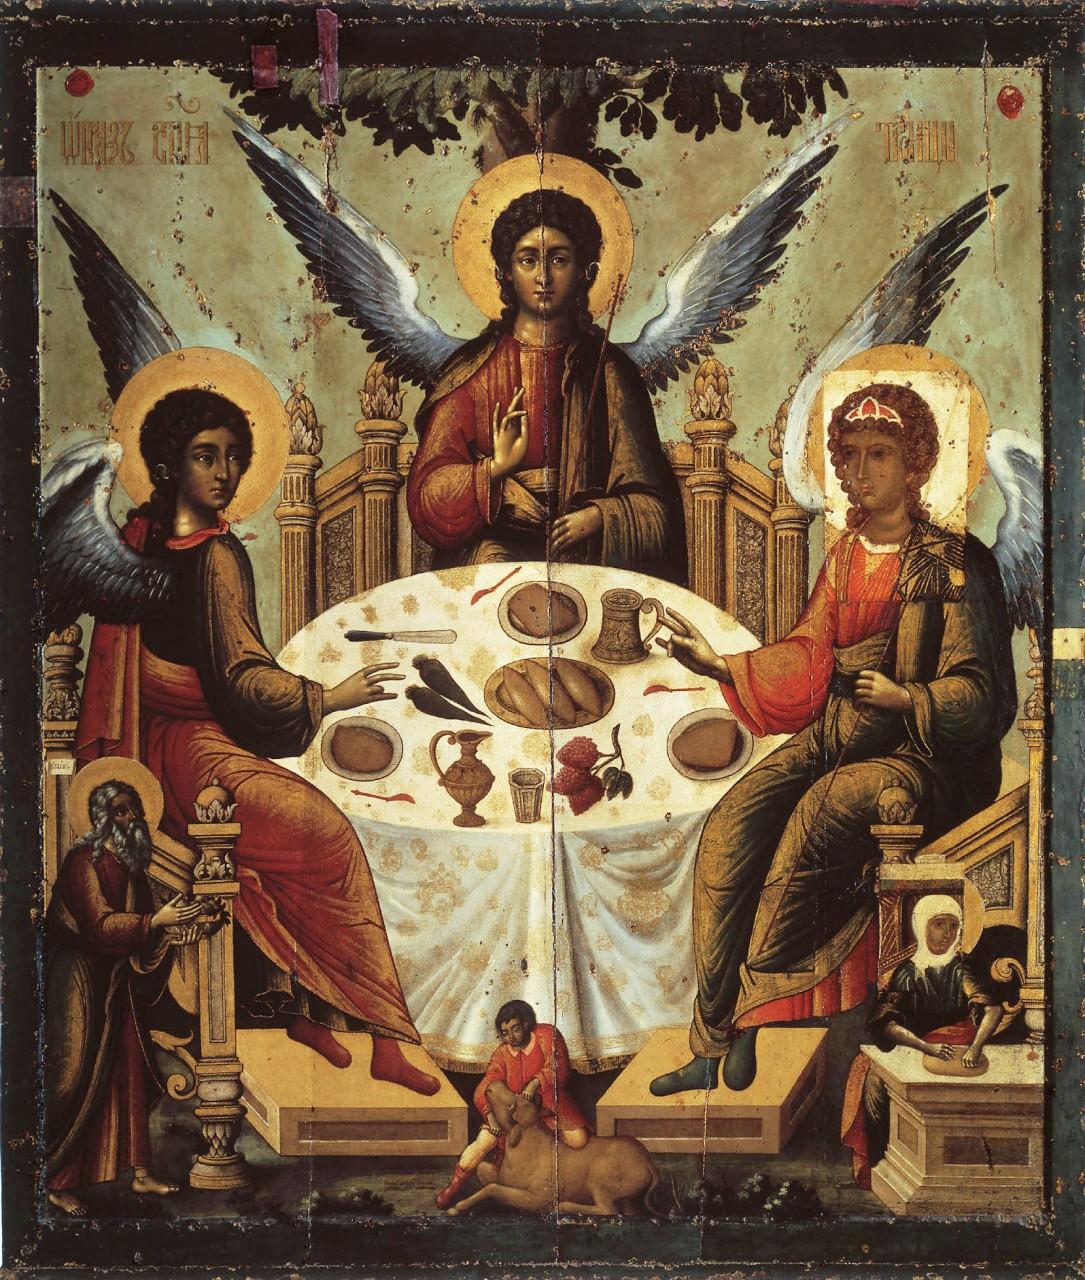 Сколько лиц на иконе троица допускает канон